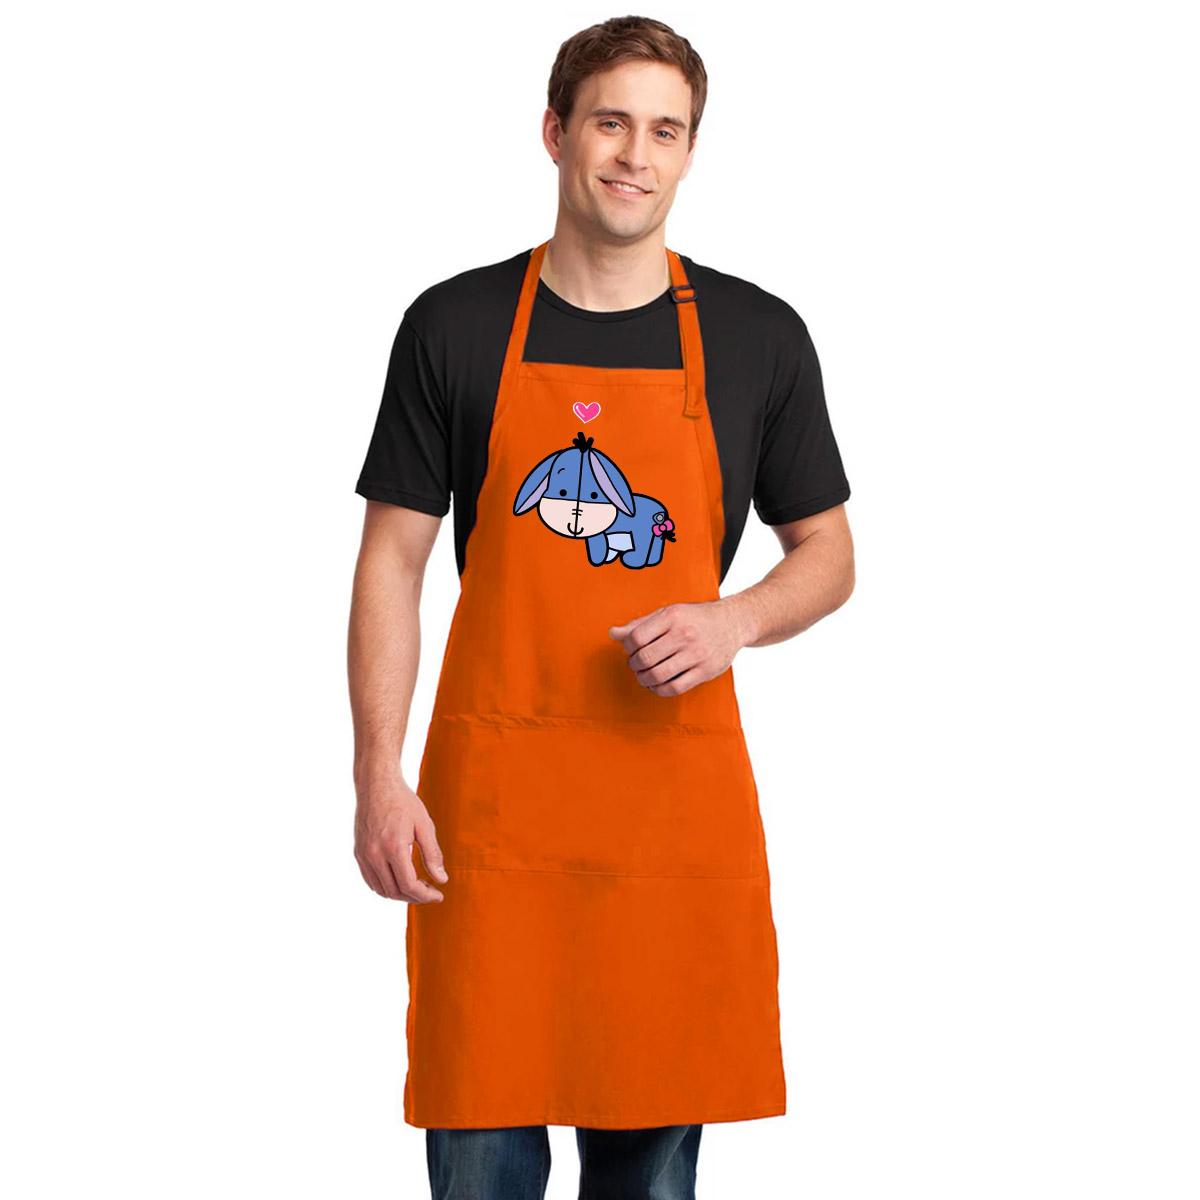 Tạp Dề Làm Bếp In Hình Chú lừa xanh - ABXDANH001-3600x4800 – Màu Cam